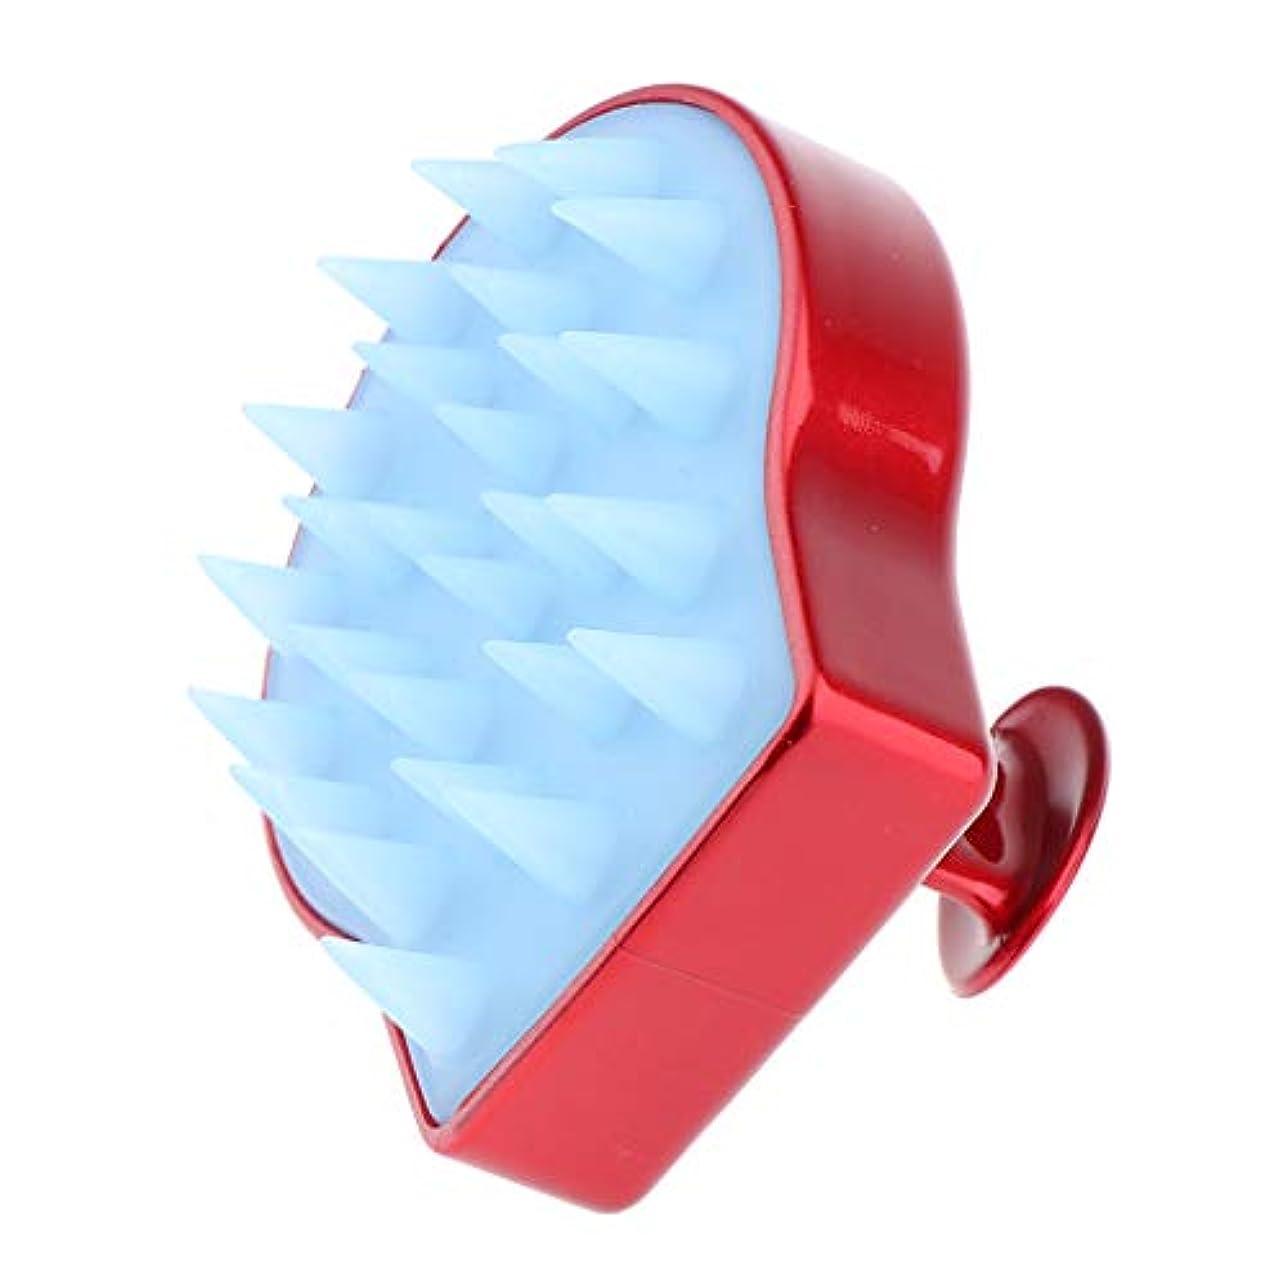 屋内で通常遺伝的洗髪ブラシ ソフトシリコン シャンプーブラシ 頭皮マッサージ くし